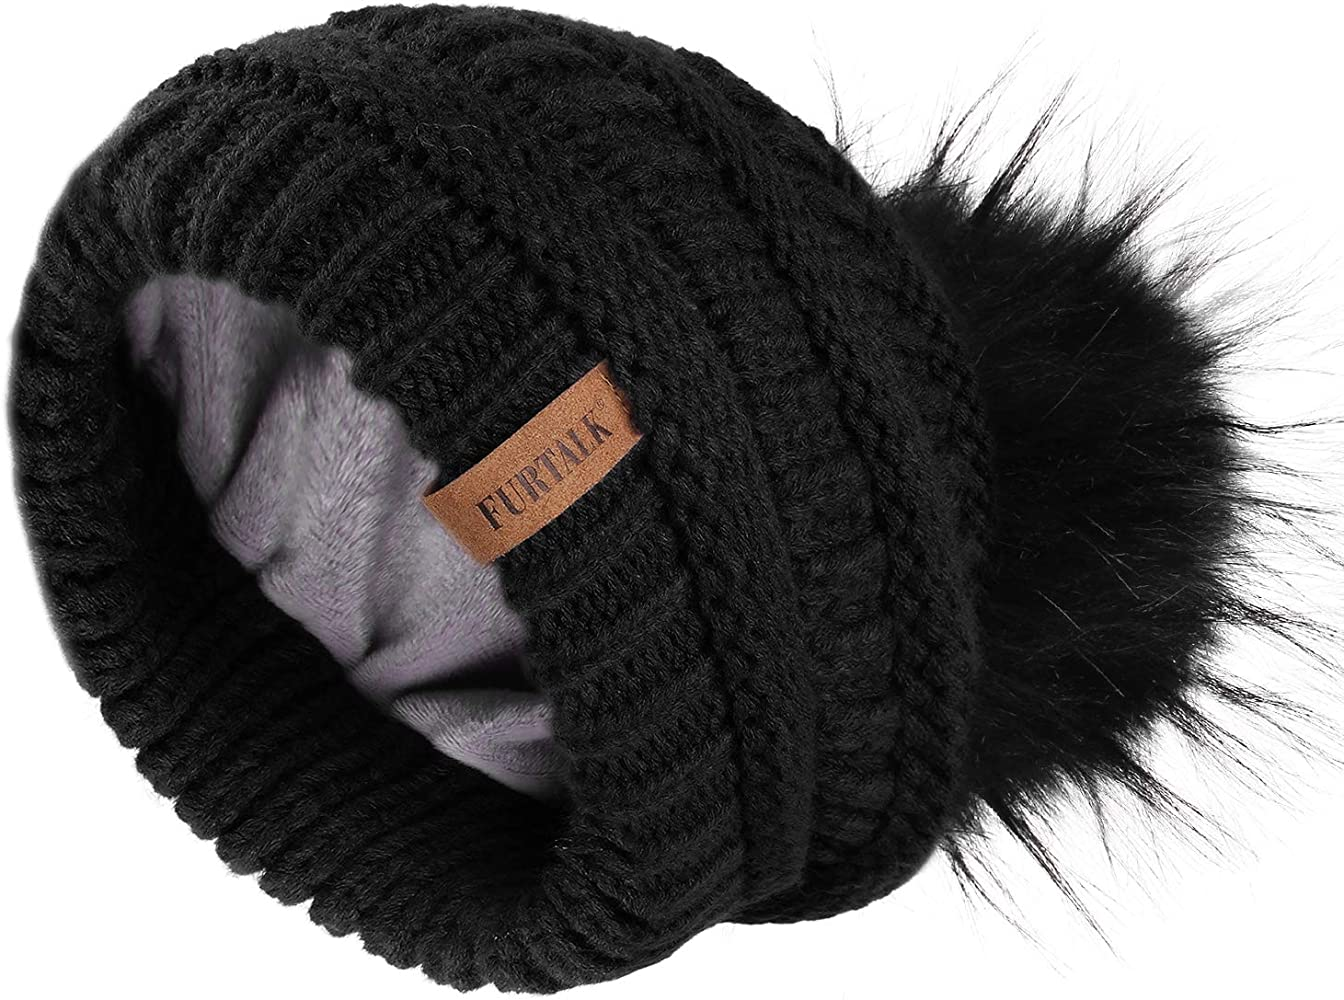 Secret-shop Female Fur Pom Poms hat Winter Hat for Women Girl s Hat Knitted Beanies Cap Hat,White,Kid Size